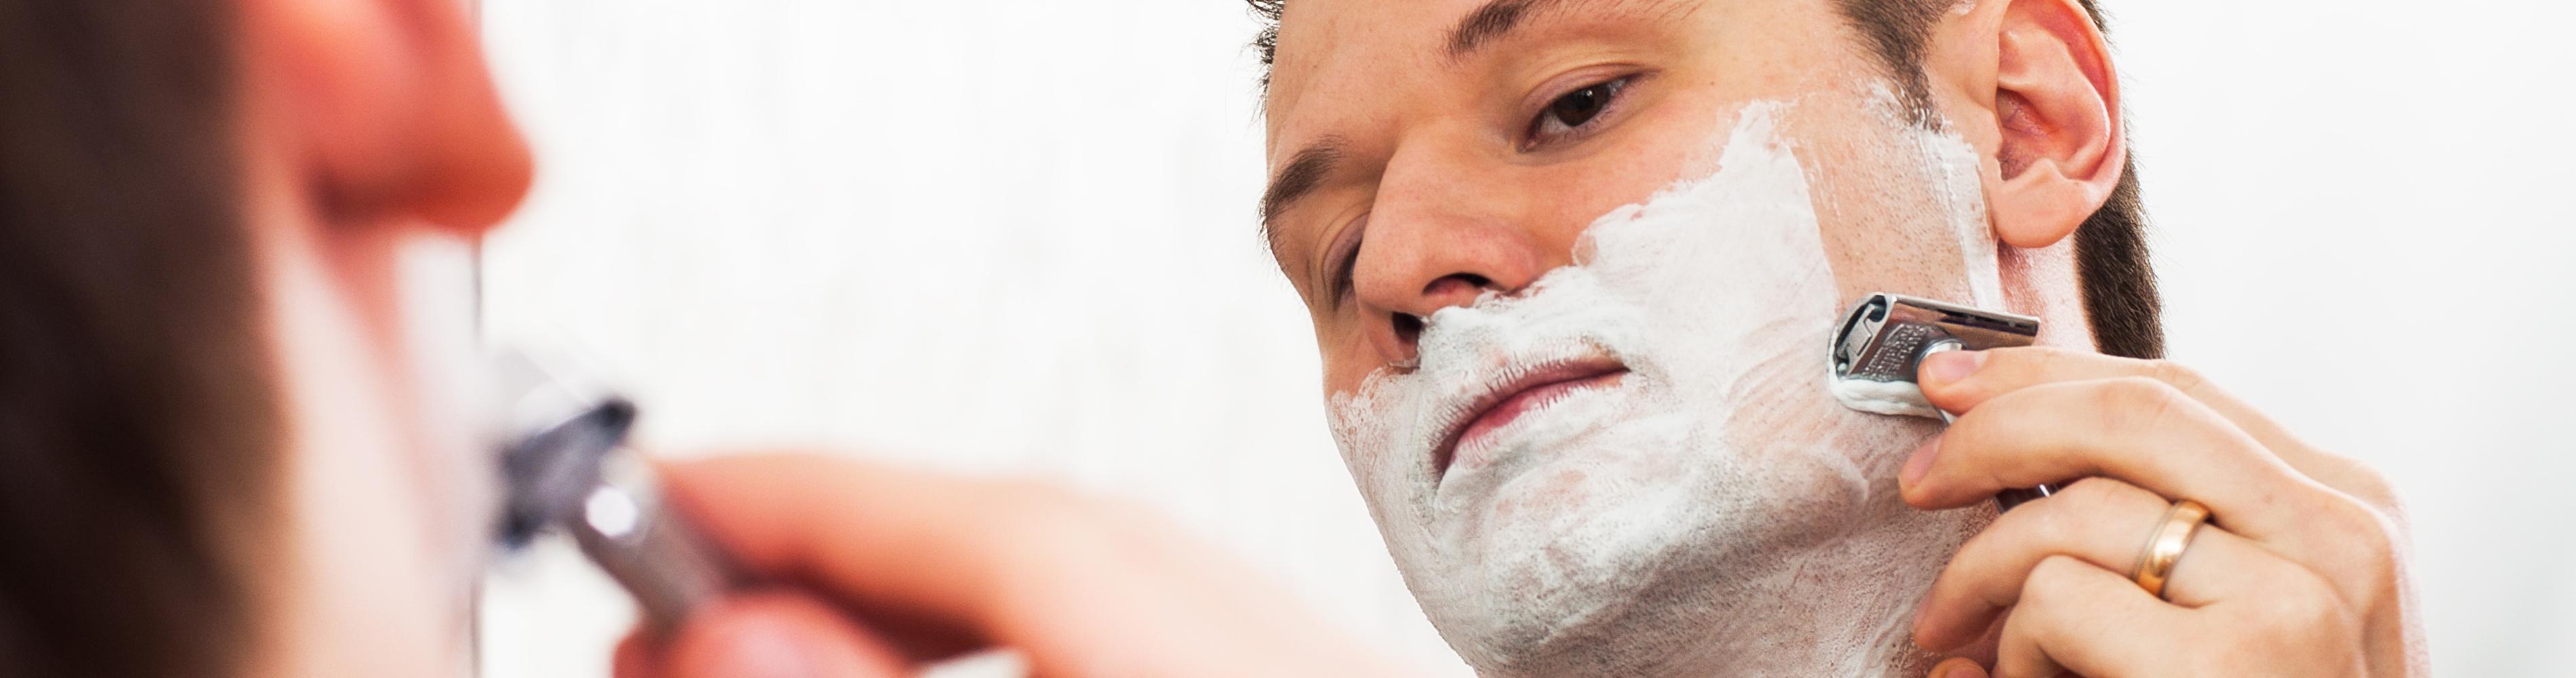 Voor of na het scheren douchen? Wat is het beste?